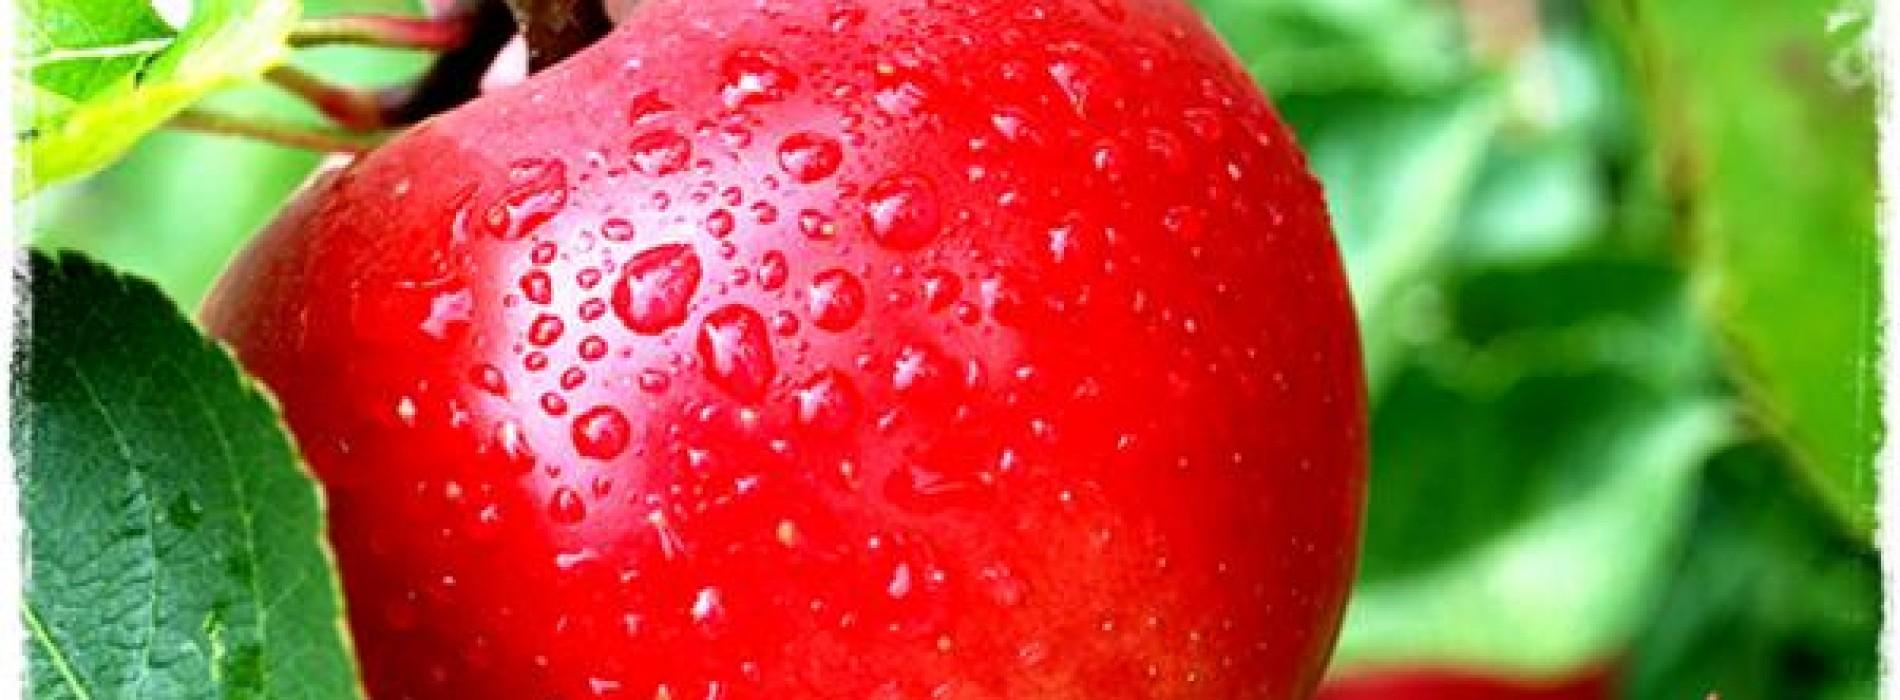 สีของผักผลไม้บ่งบอกถึงอะไร